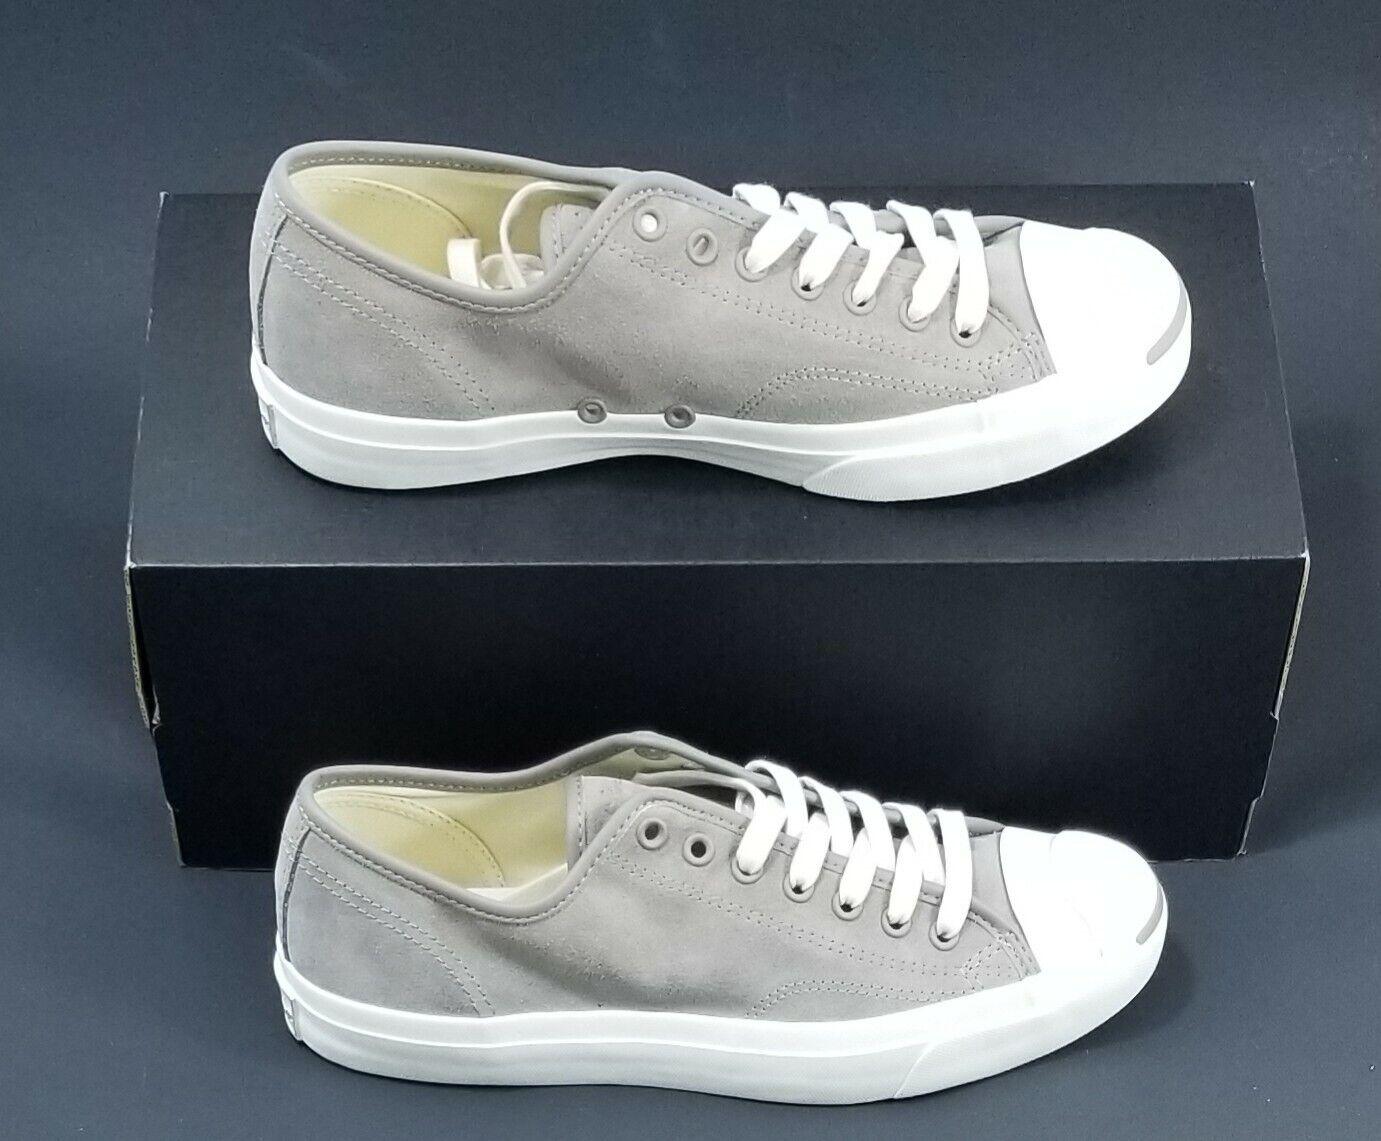 Converse Jack Purcell test de transformation lymphoblastique Ox Tan blanc Chaussures de Loisirs Hommes Taille 10 159190 C